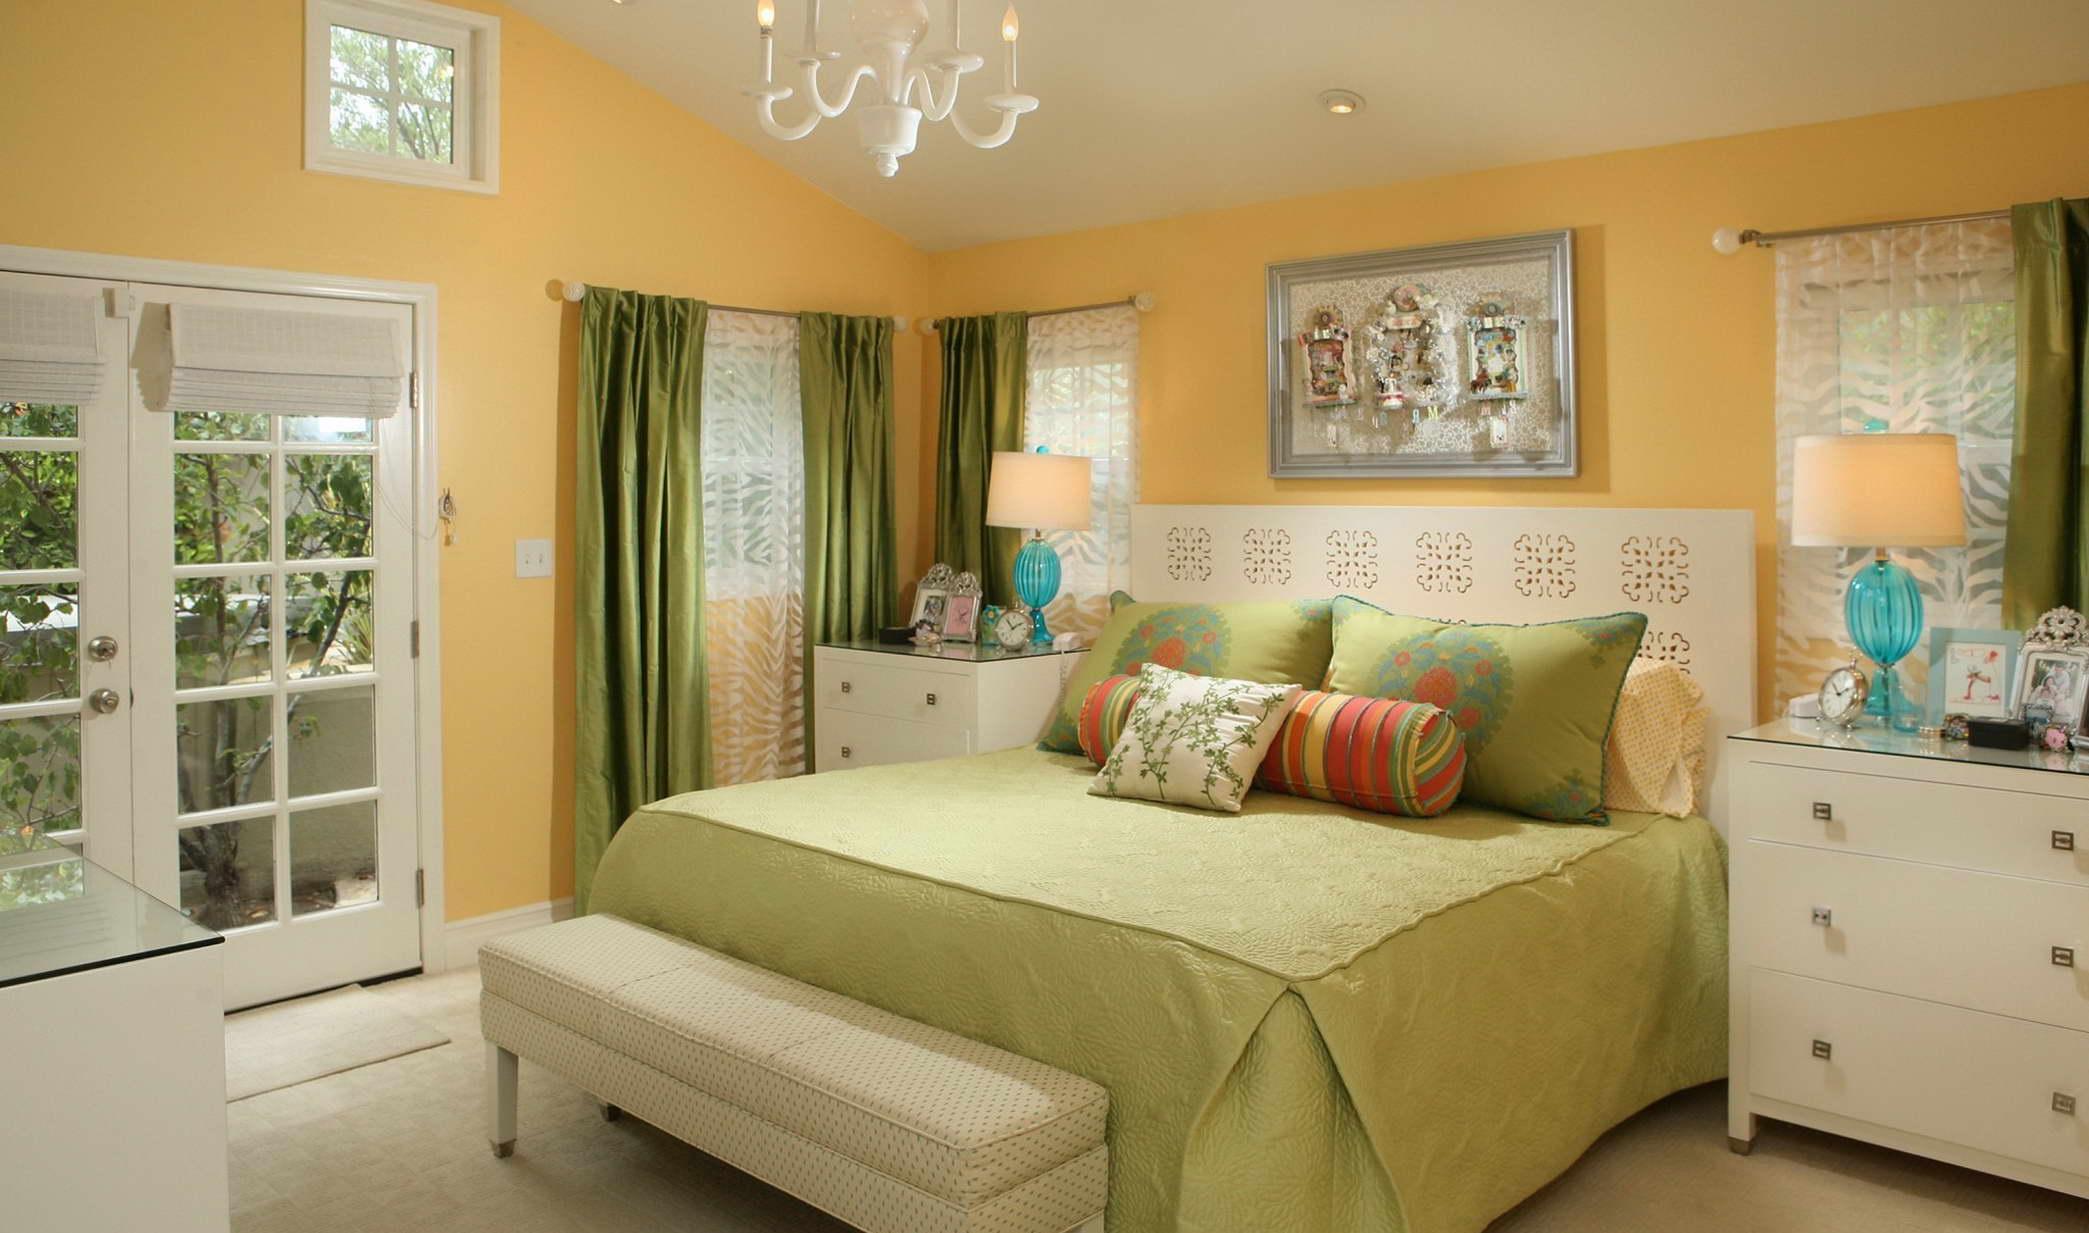 szoba szín és fal szín kiválasztása - sárga